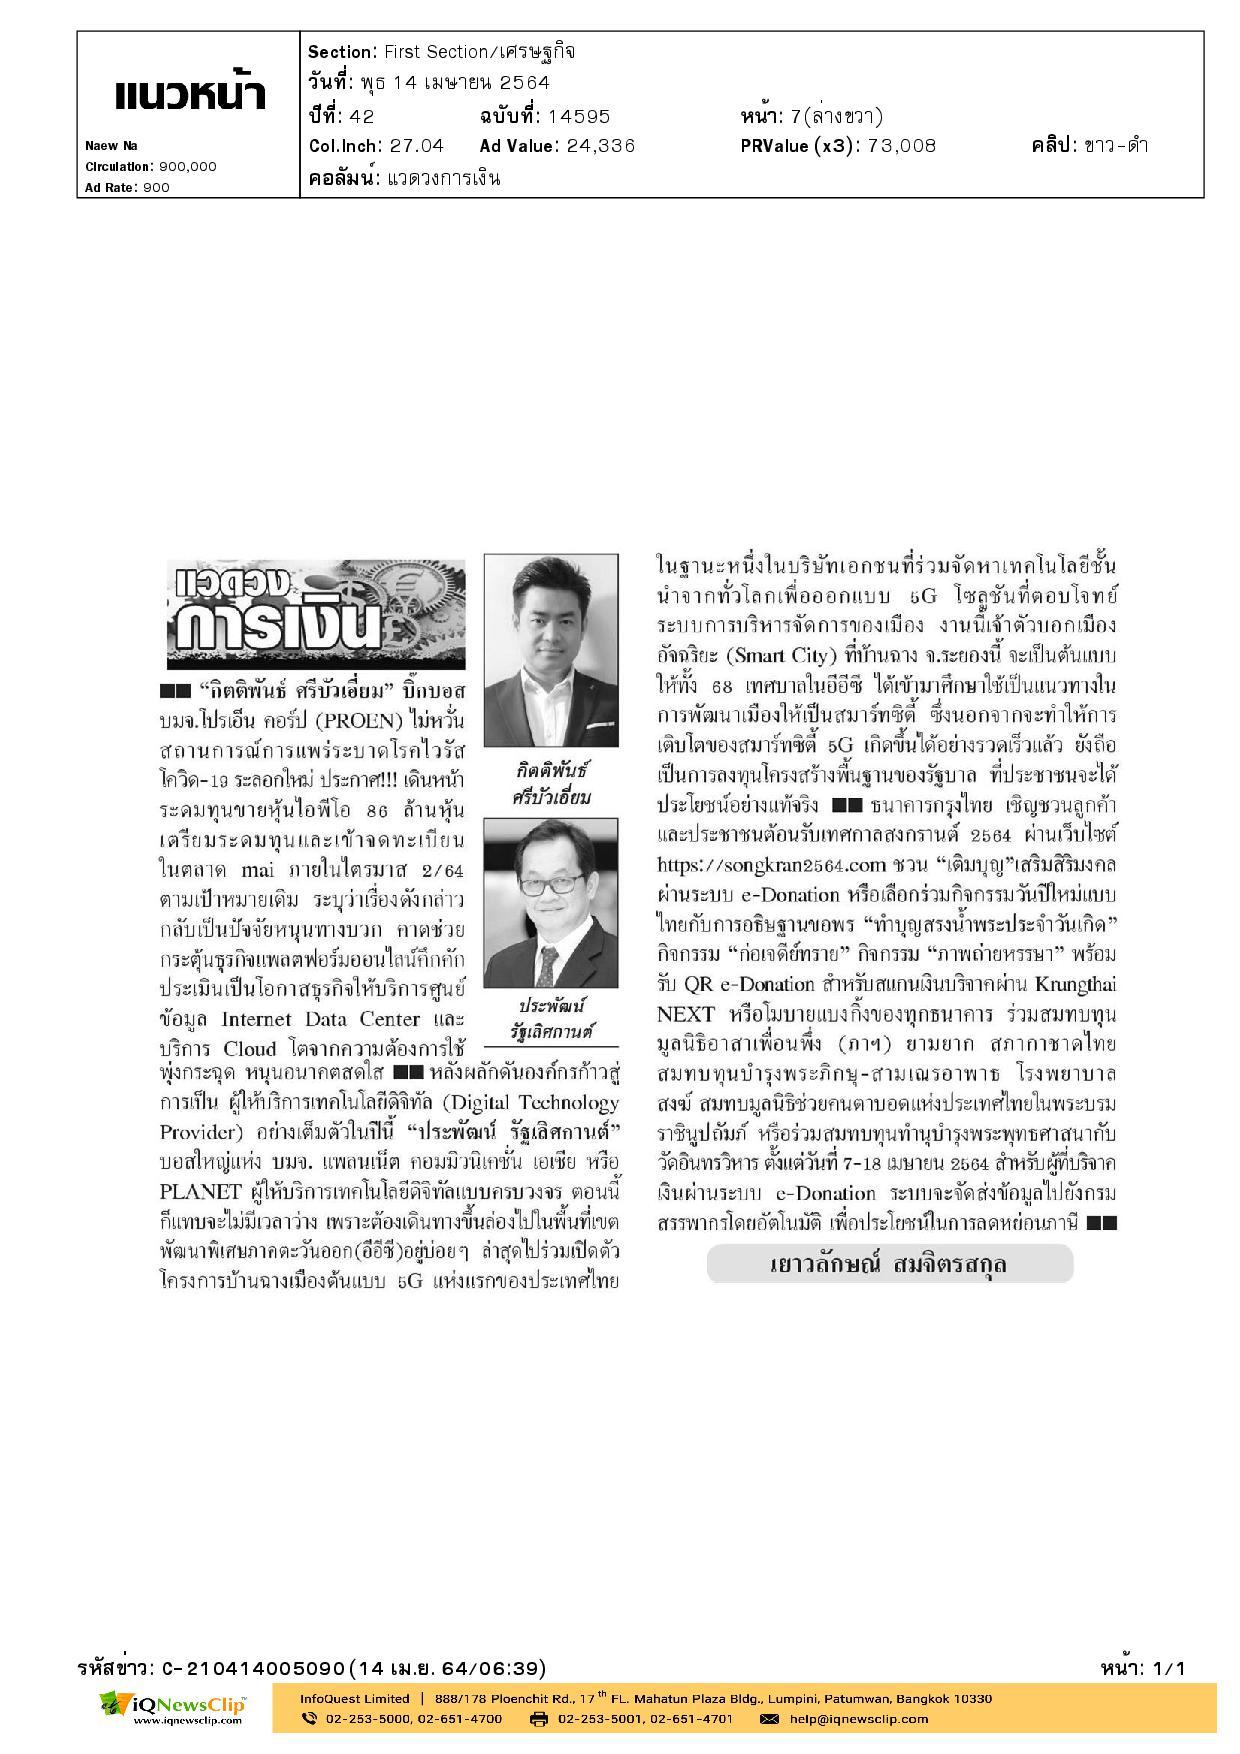 ร่วมสมทบทุน มูลนิธิอาสาเพื่อนพึ่ง (ภาฯ) ยามยาก สภากาชาดไทย